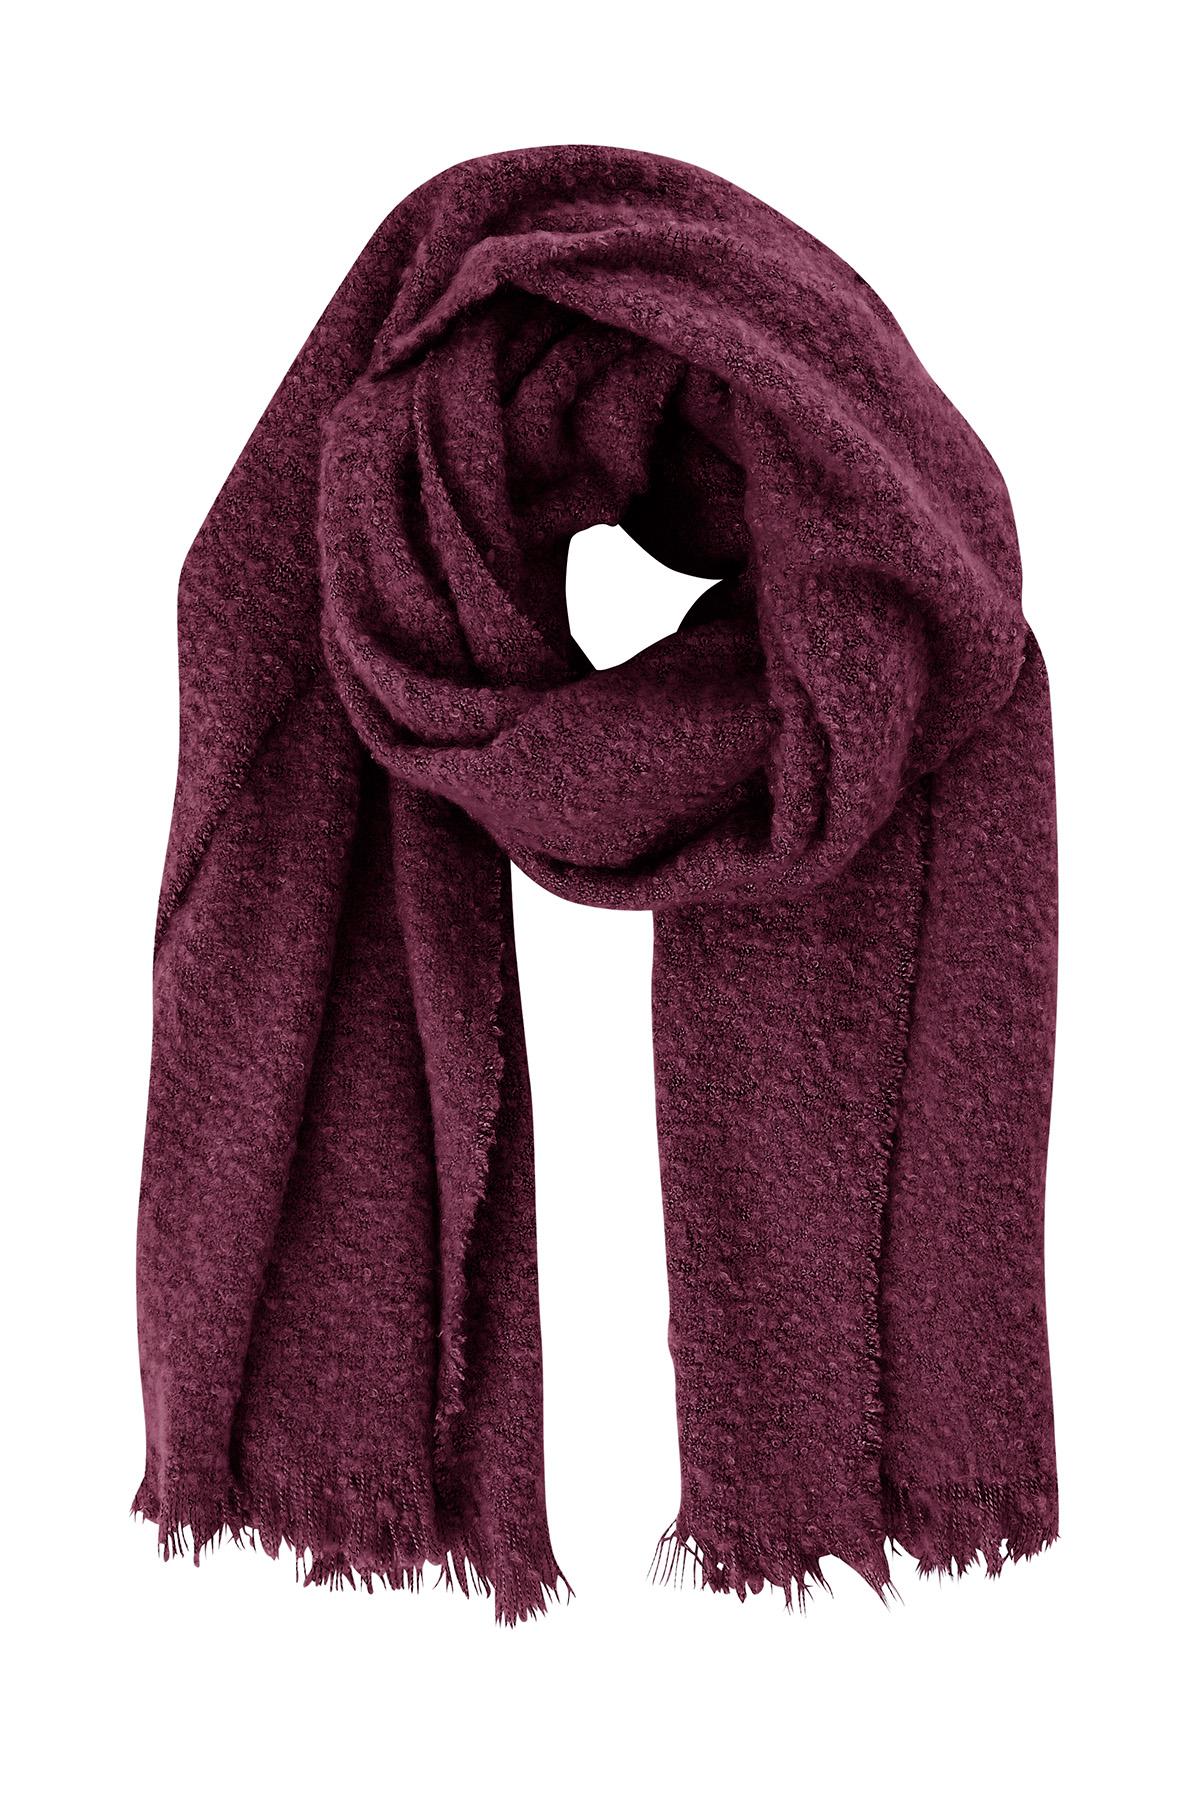 Image of   Ichi - accessories Dame Tørklæde - Bordeaux